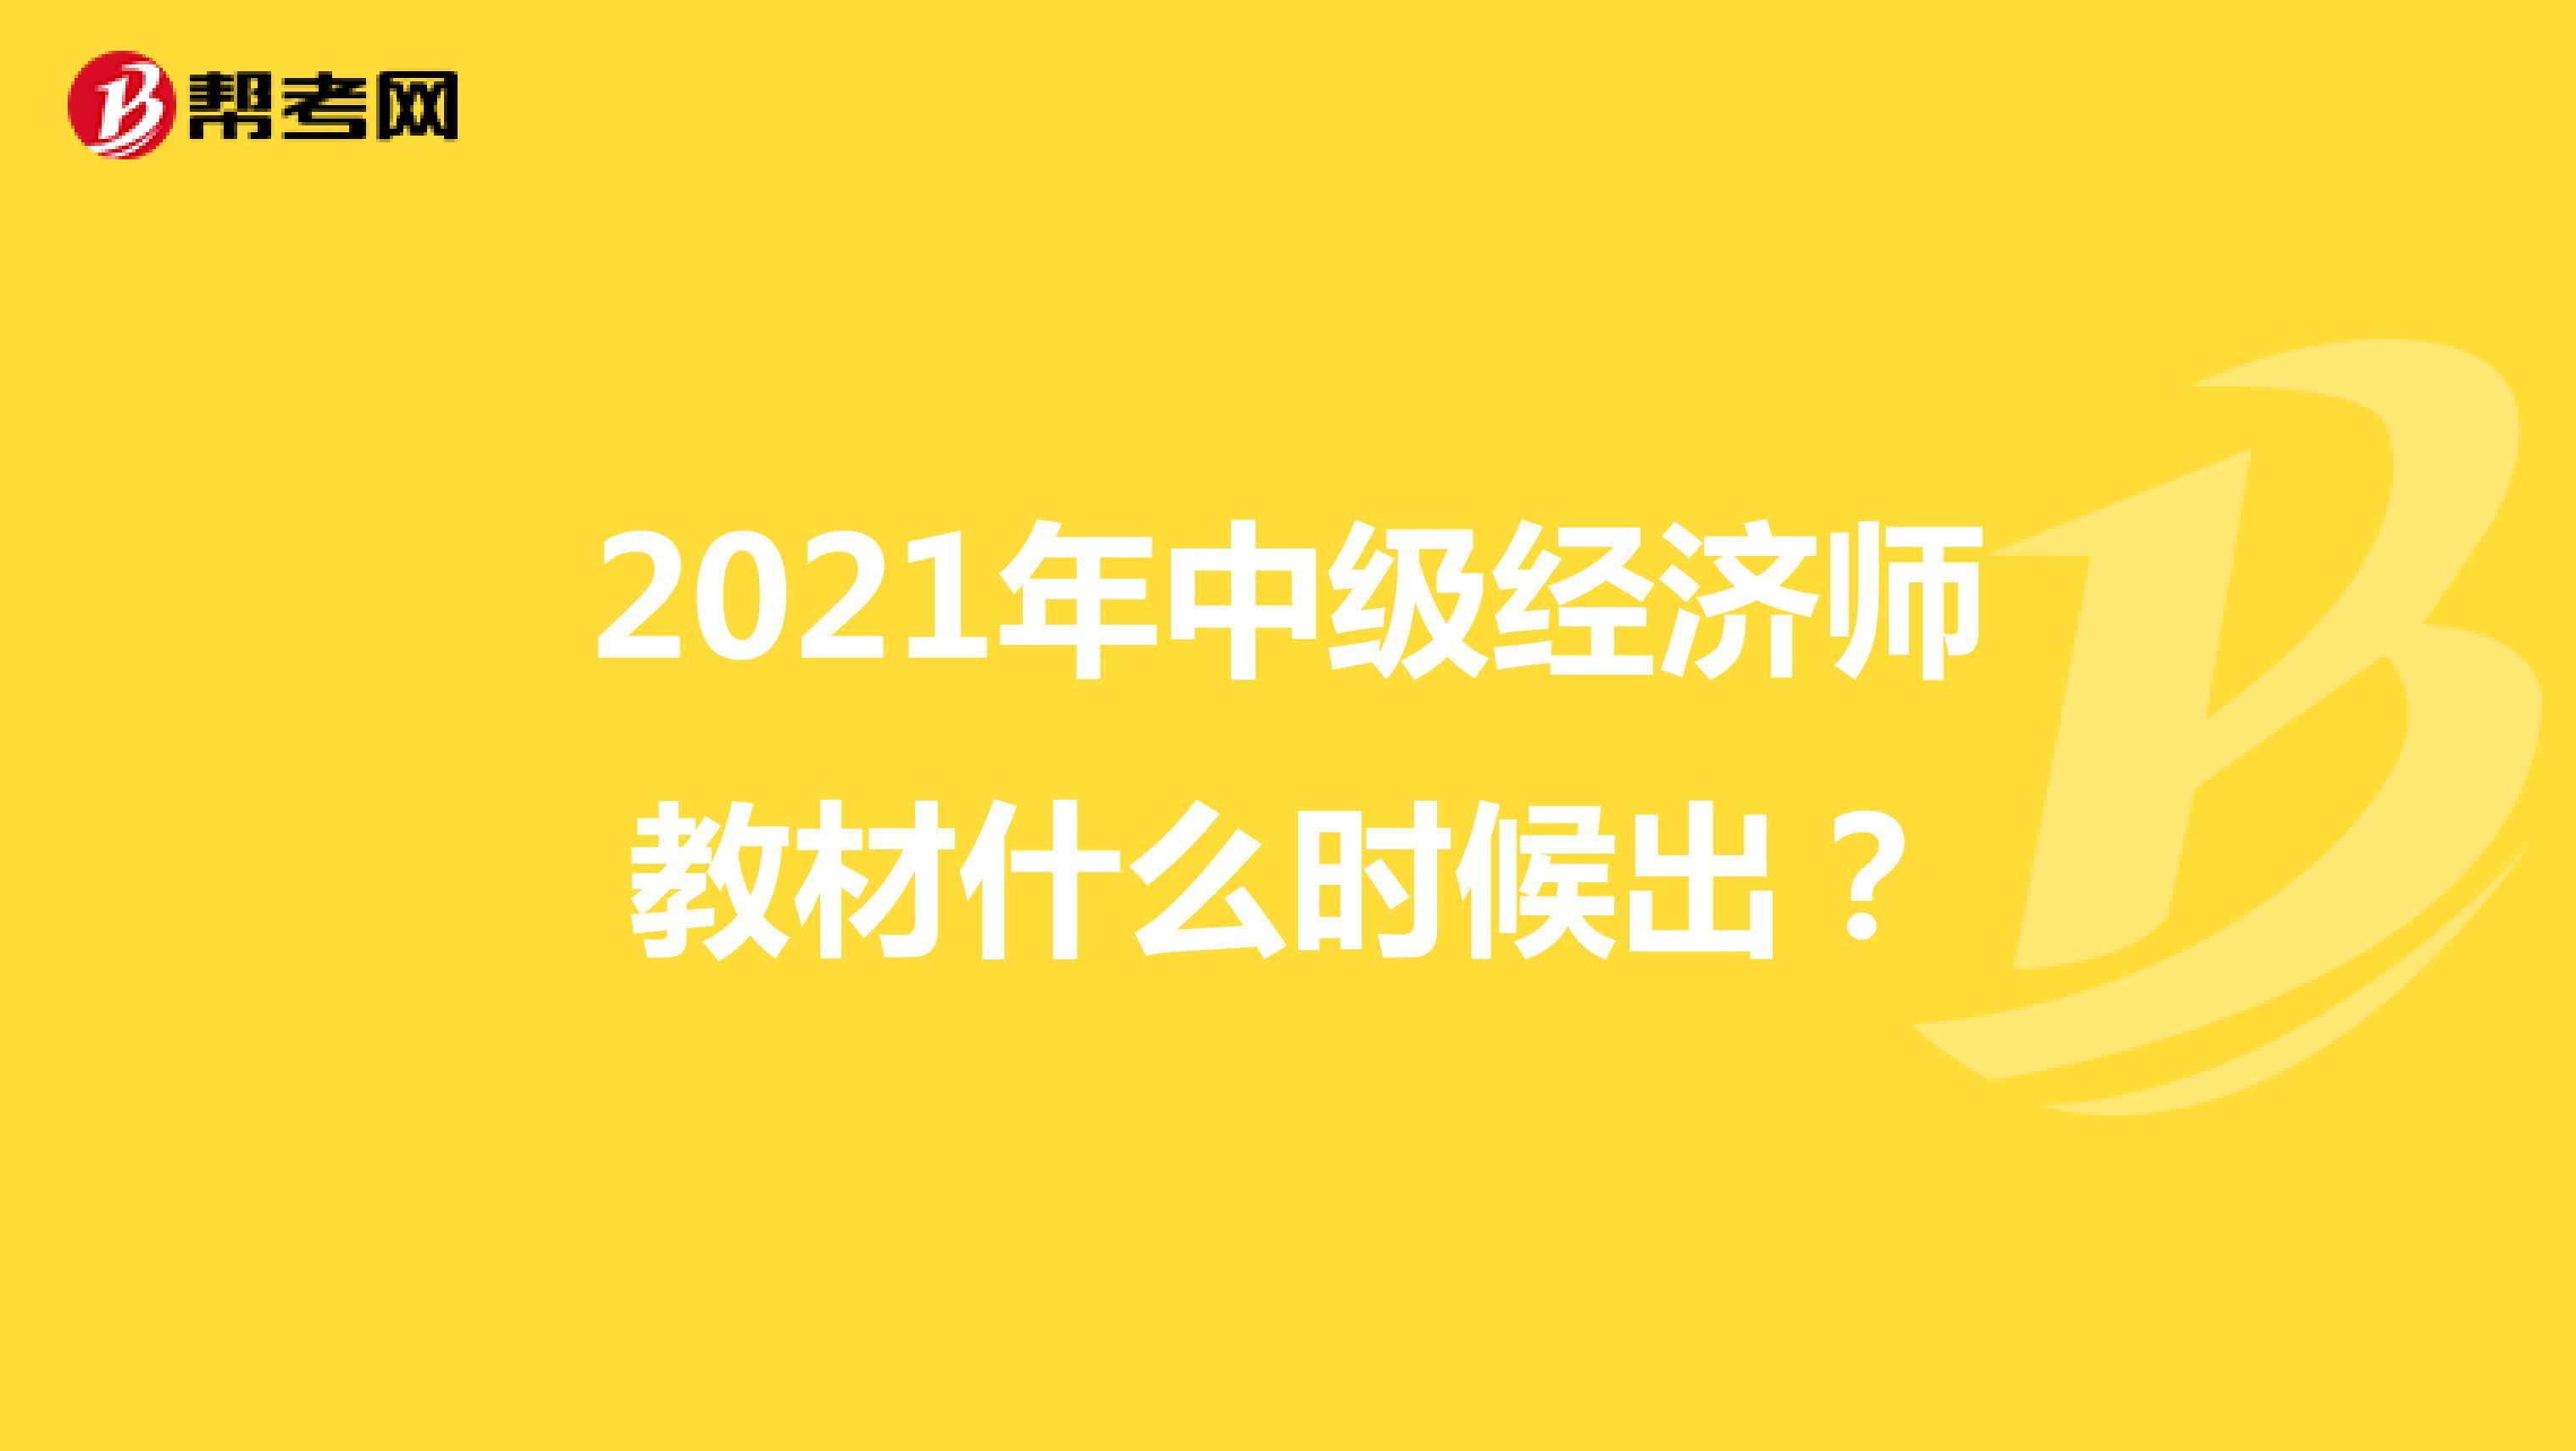 2021年中級經濟師教材什么時候出?